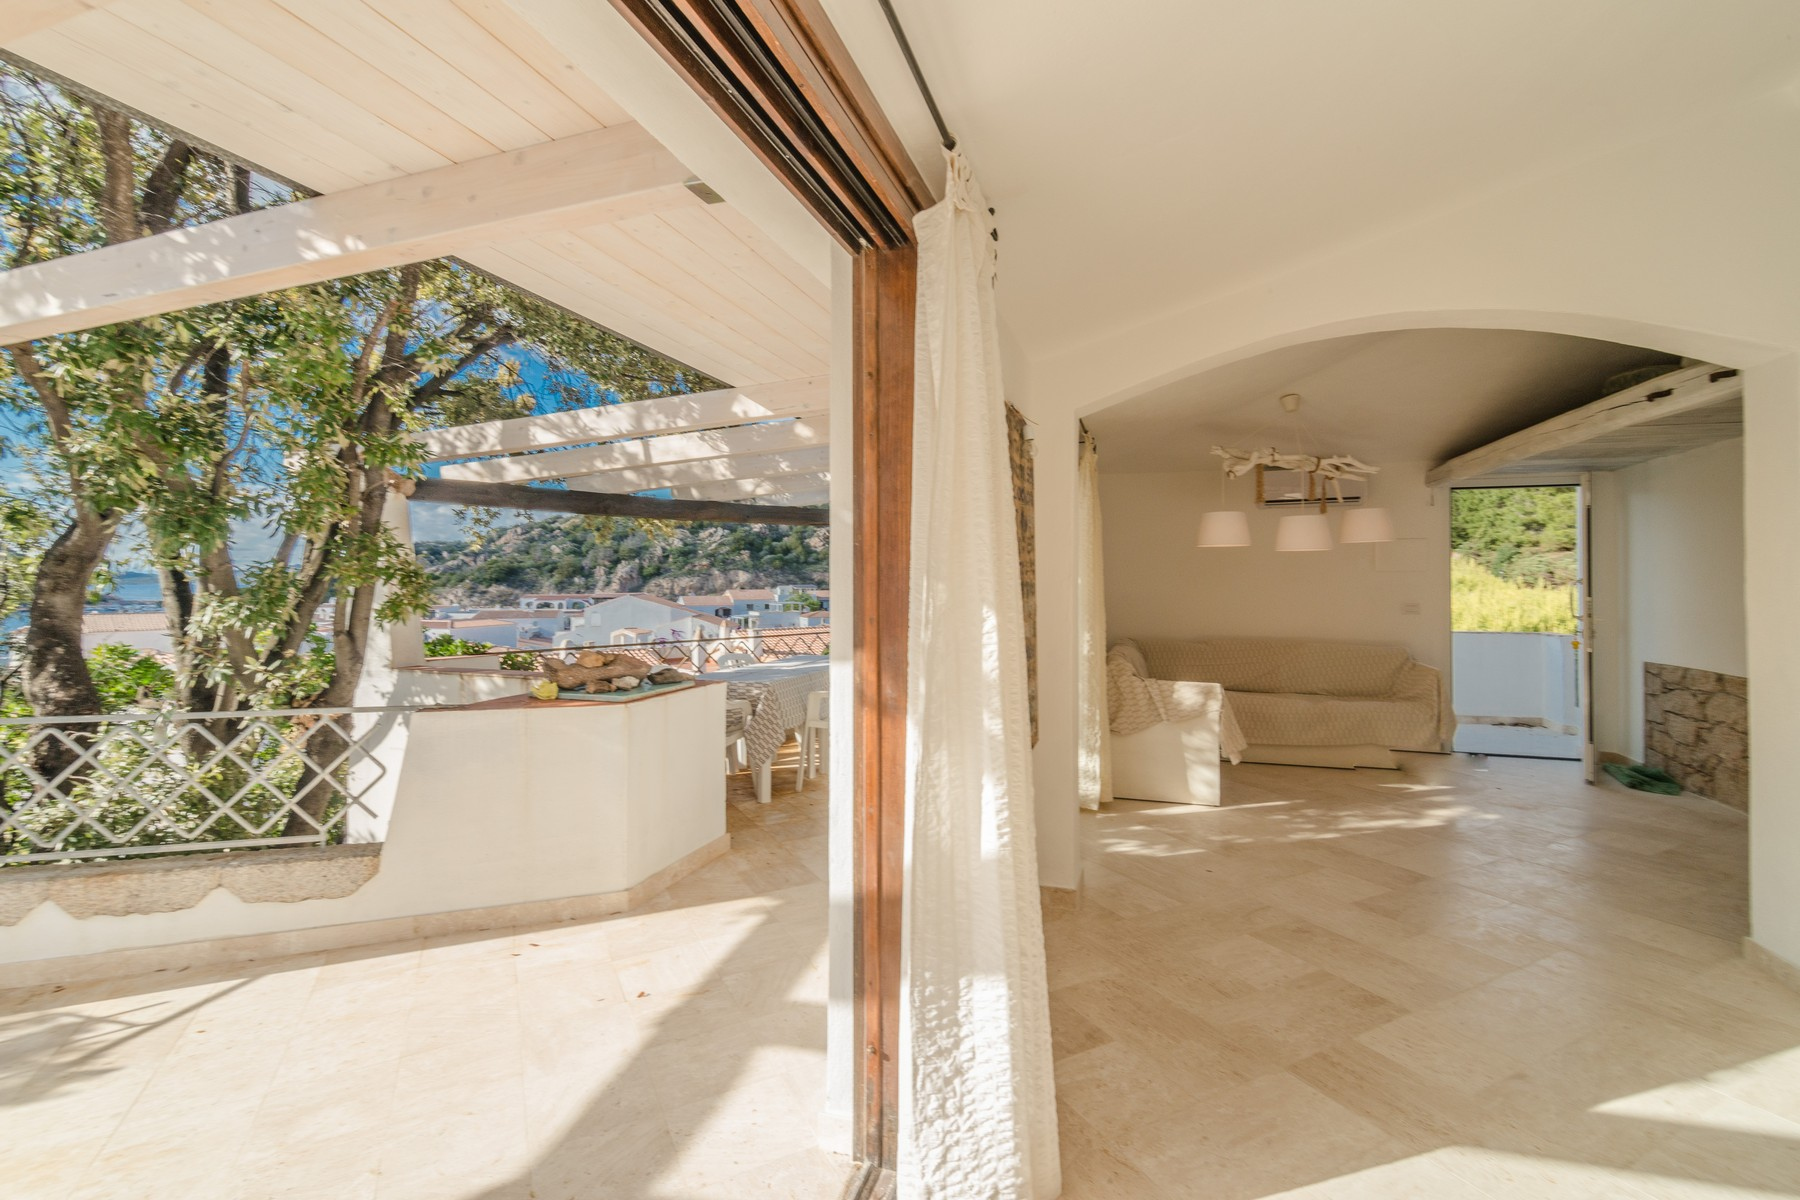 Appartamento in Vendita a Arzachena: 5 locali, 87 mq - Foto 7